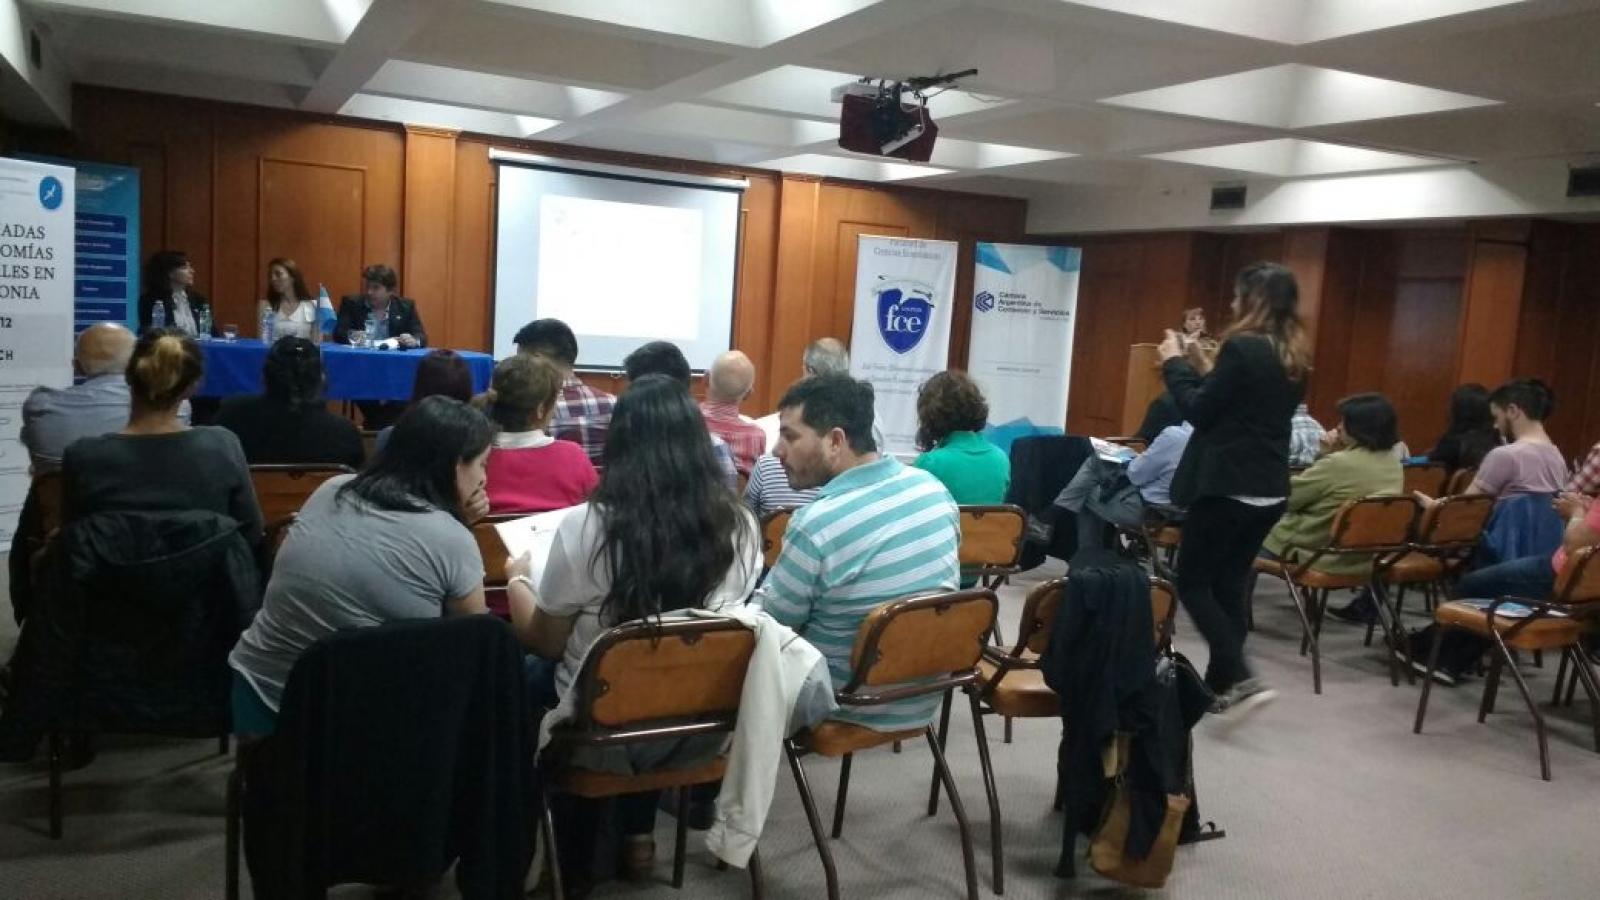 Las Jornadas organizadas por la Facultad de Ciencias  Económicas de la UNPSJB de Trelew se llevan a cabo por tercer año consecutivo.  Desarrollado los días 30/11 y 01/12 tuvo como ámbito el auditorio de la CICECH.